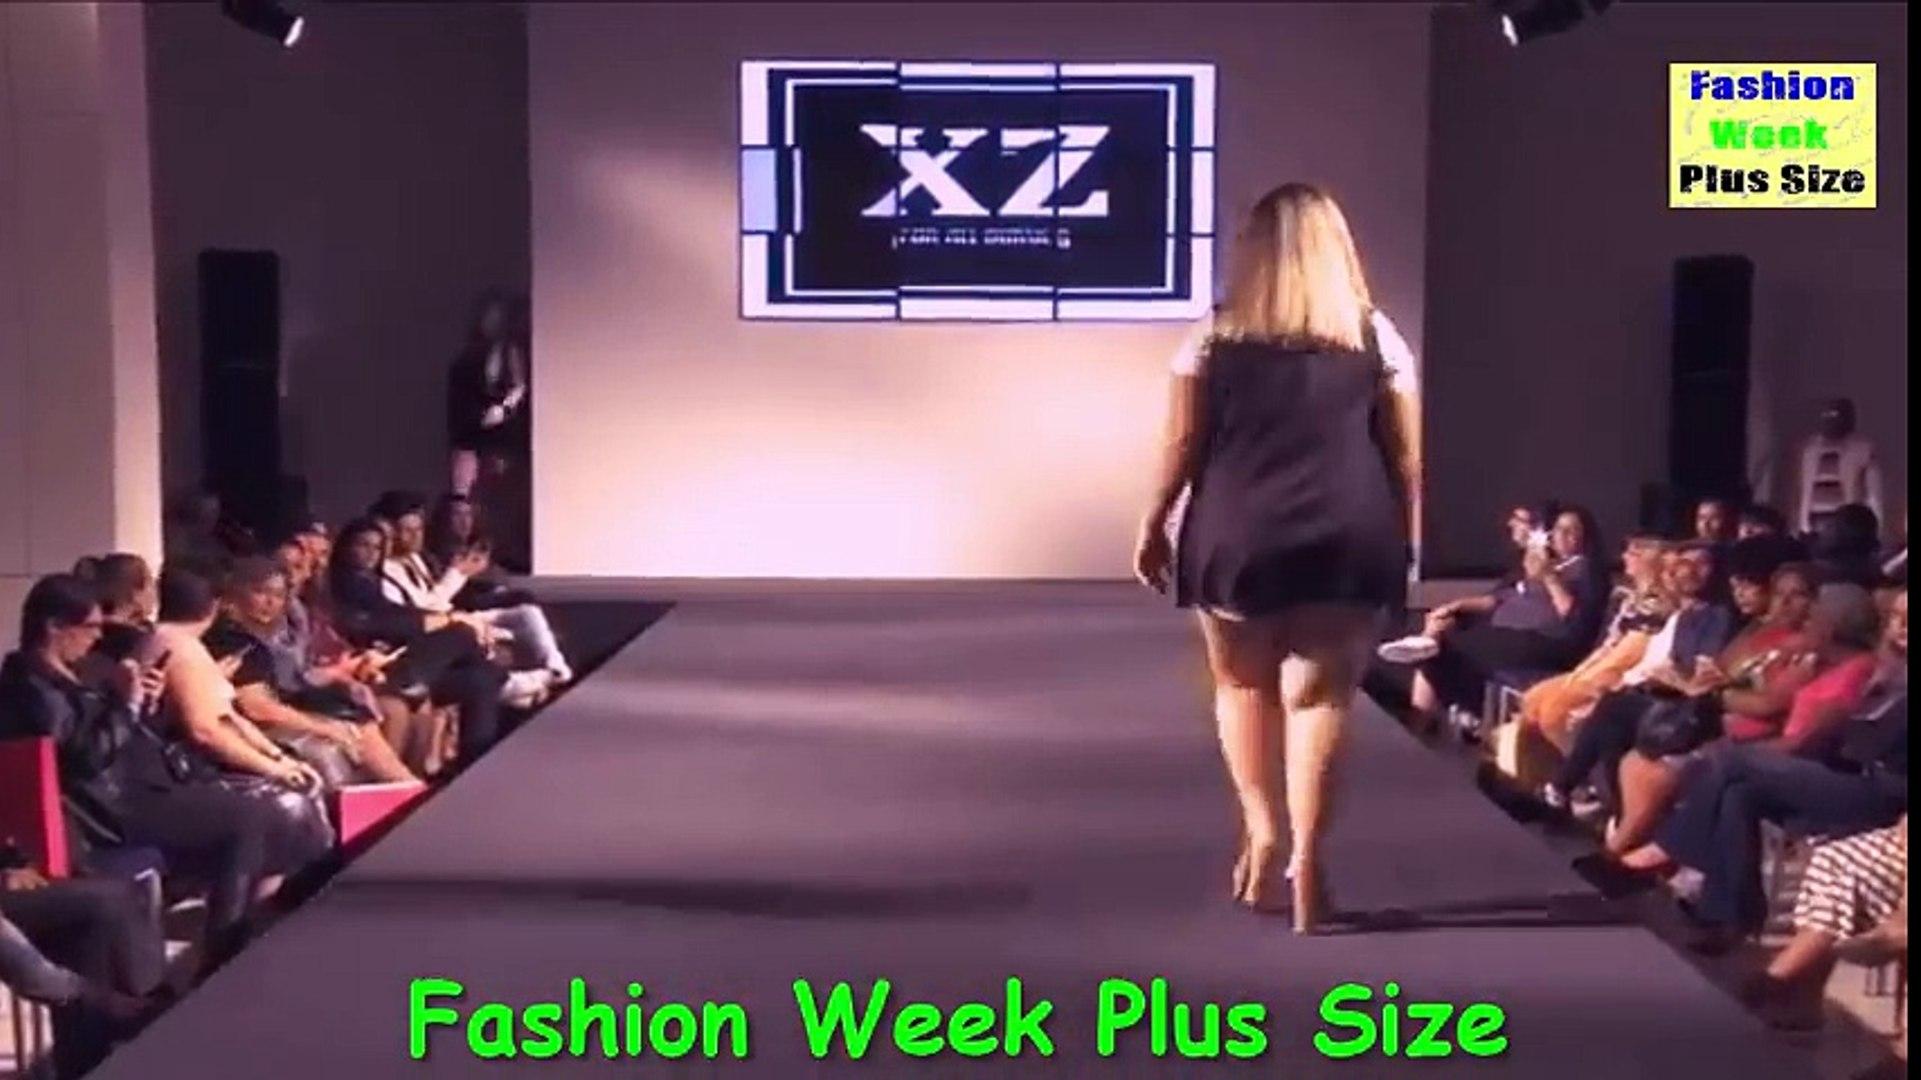 Fashion week Plus Size 2017_ Large women Plus Size clothing - Fashion summer - Fashion Show.